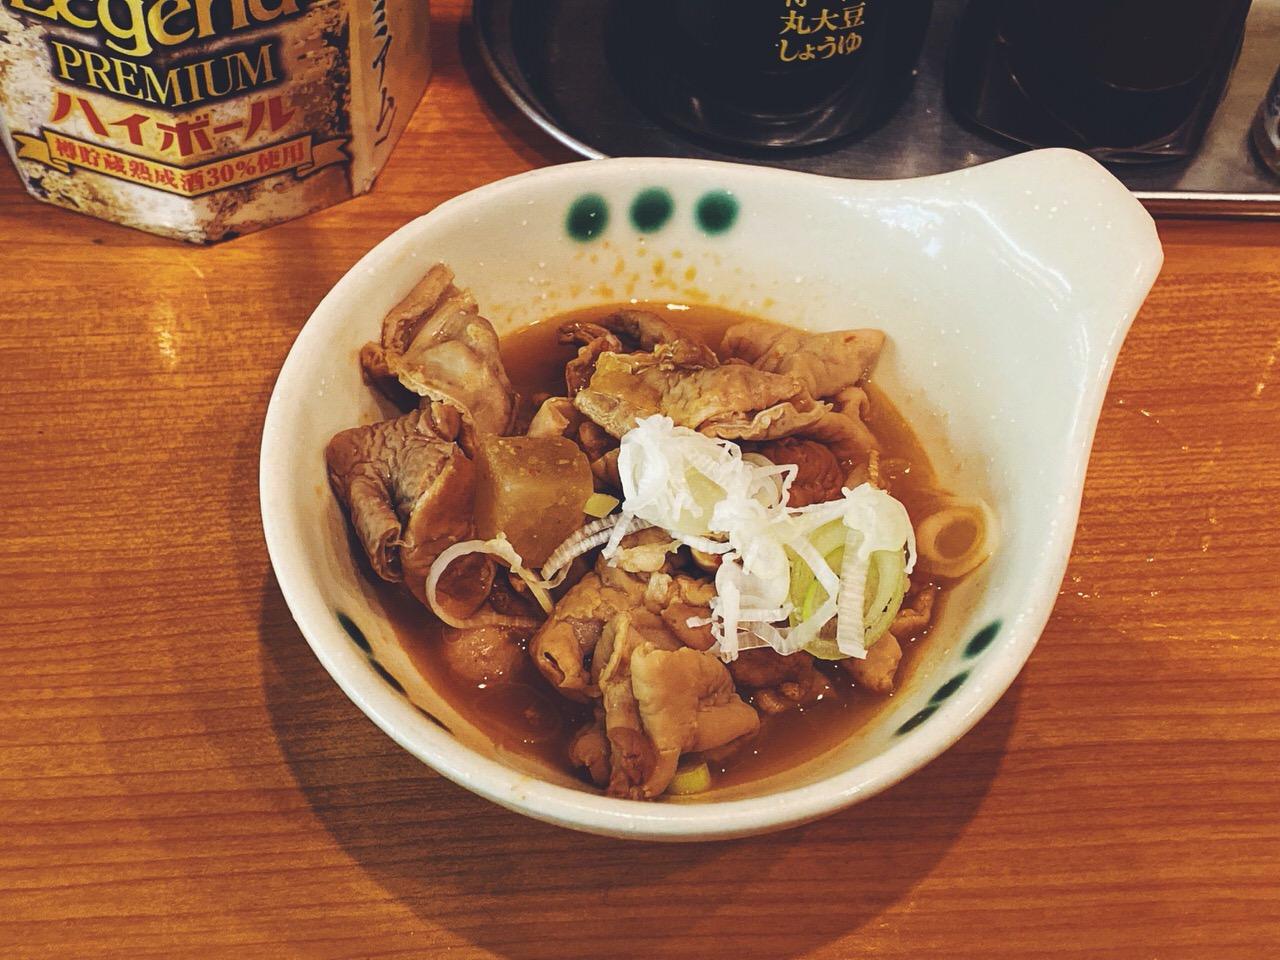 上野で立ち飲み「カドクラ」7